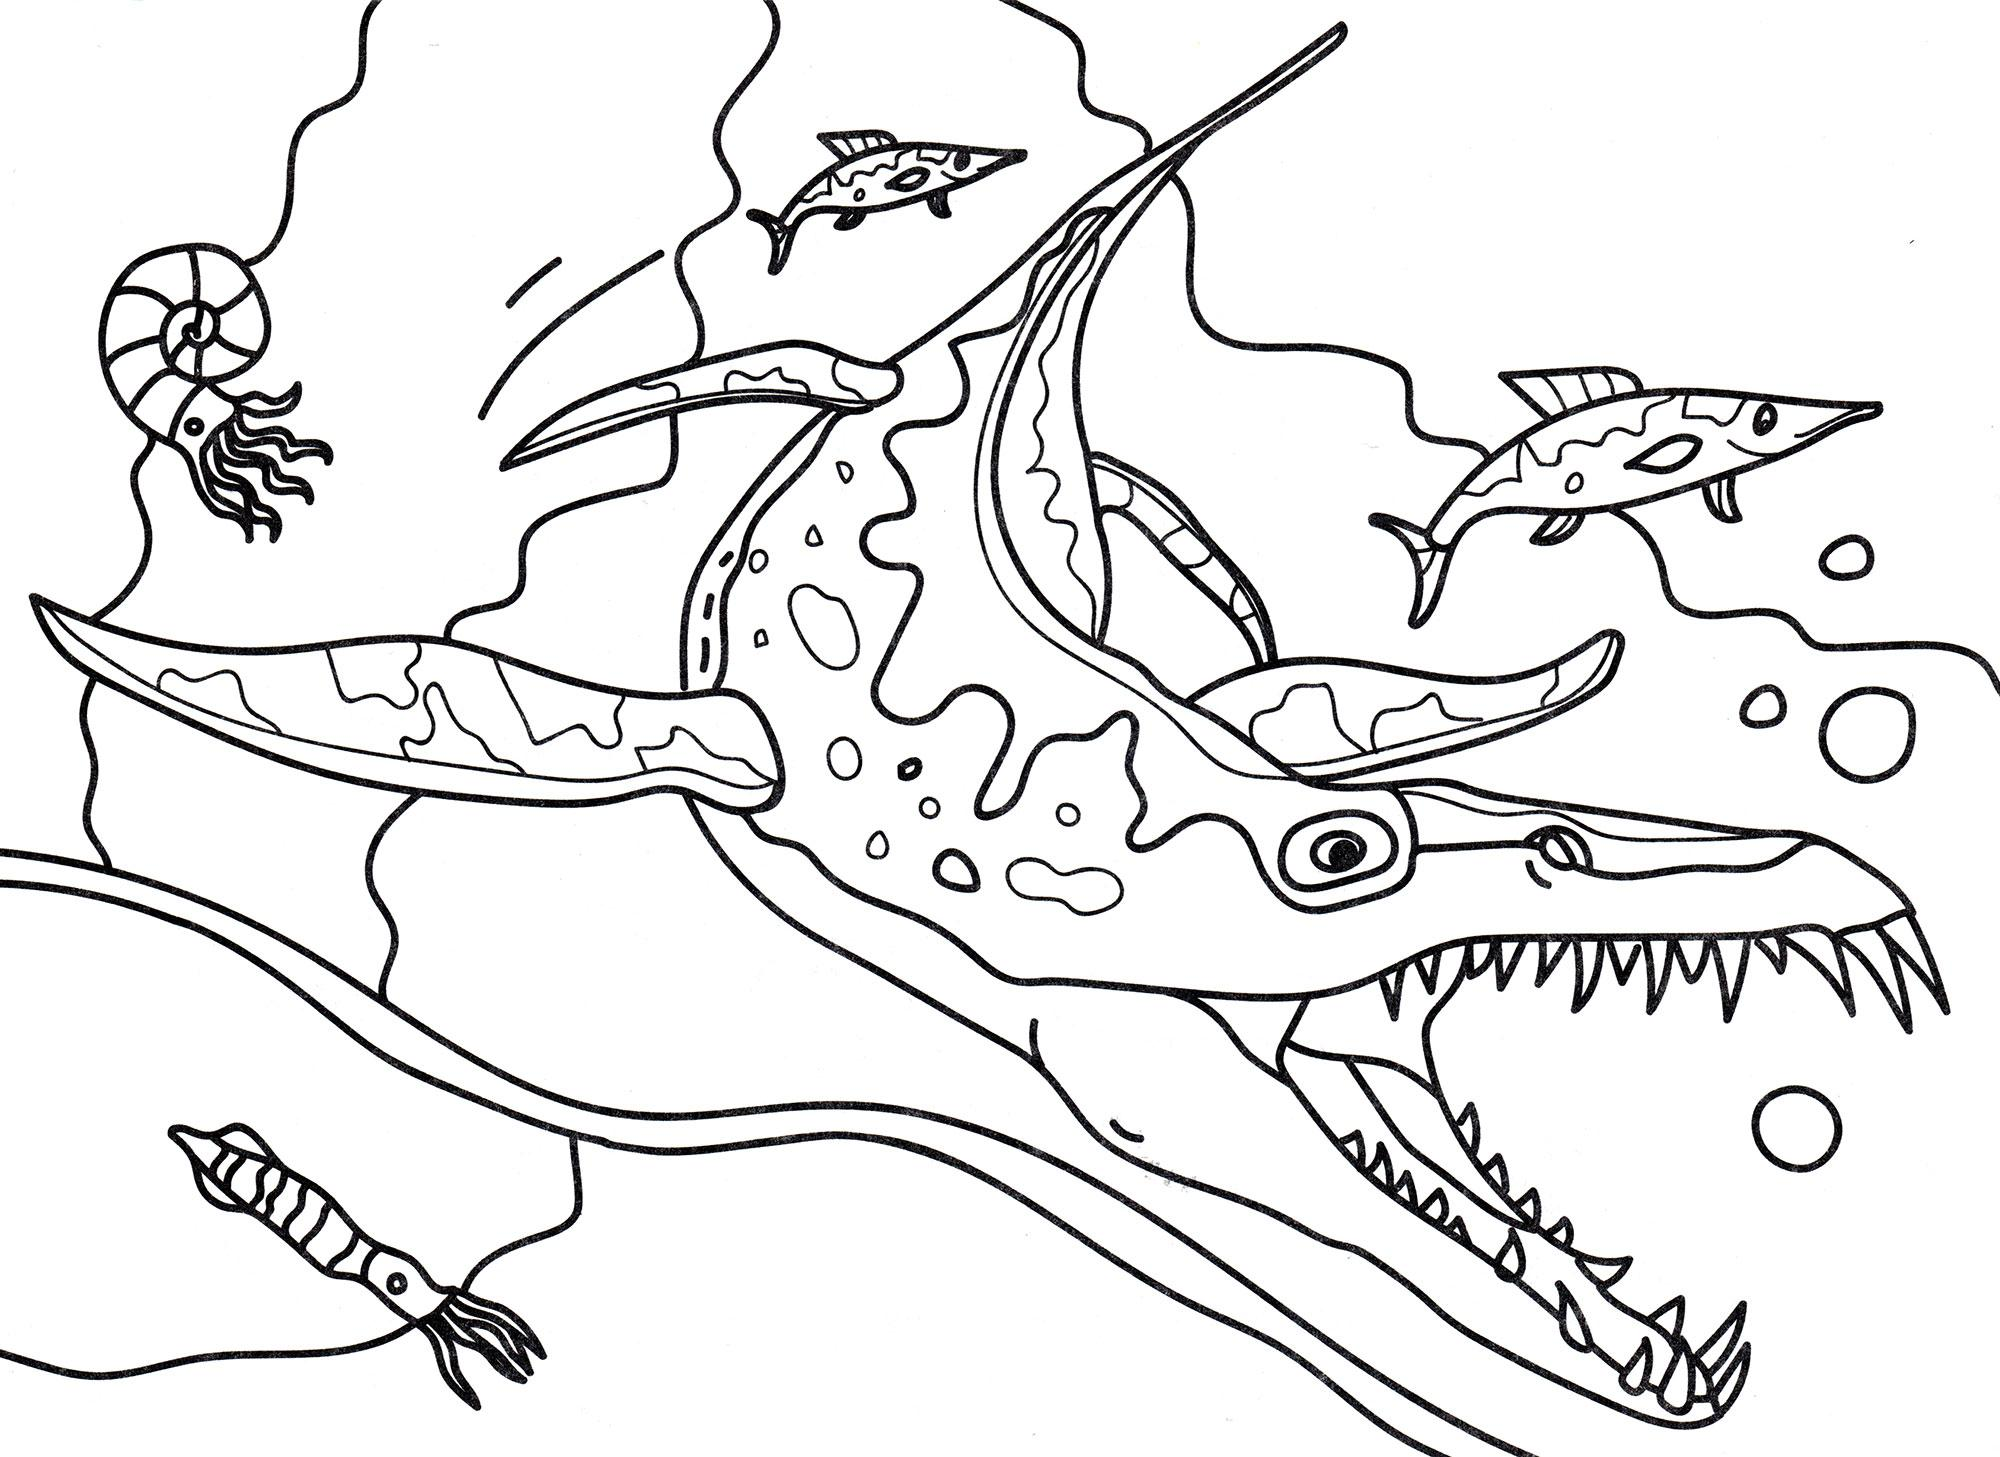 раскраска динозавр лиоплевродон в воде